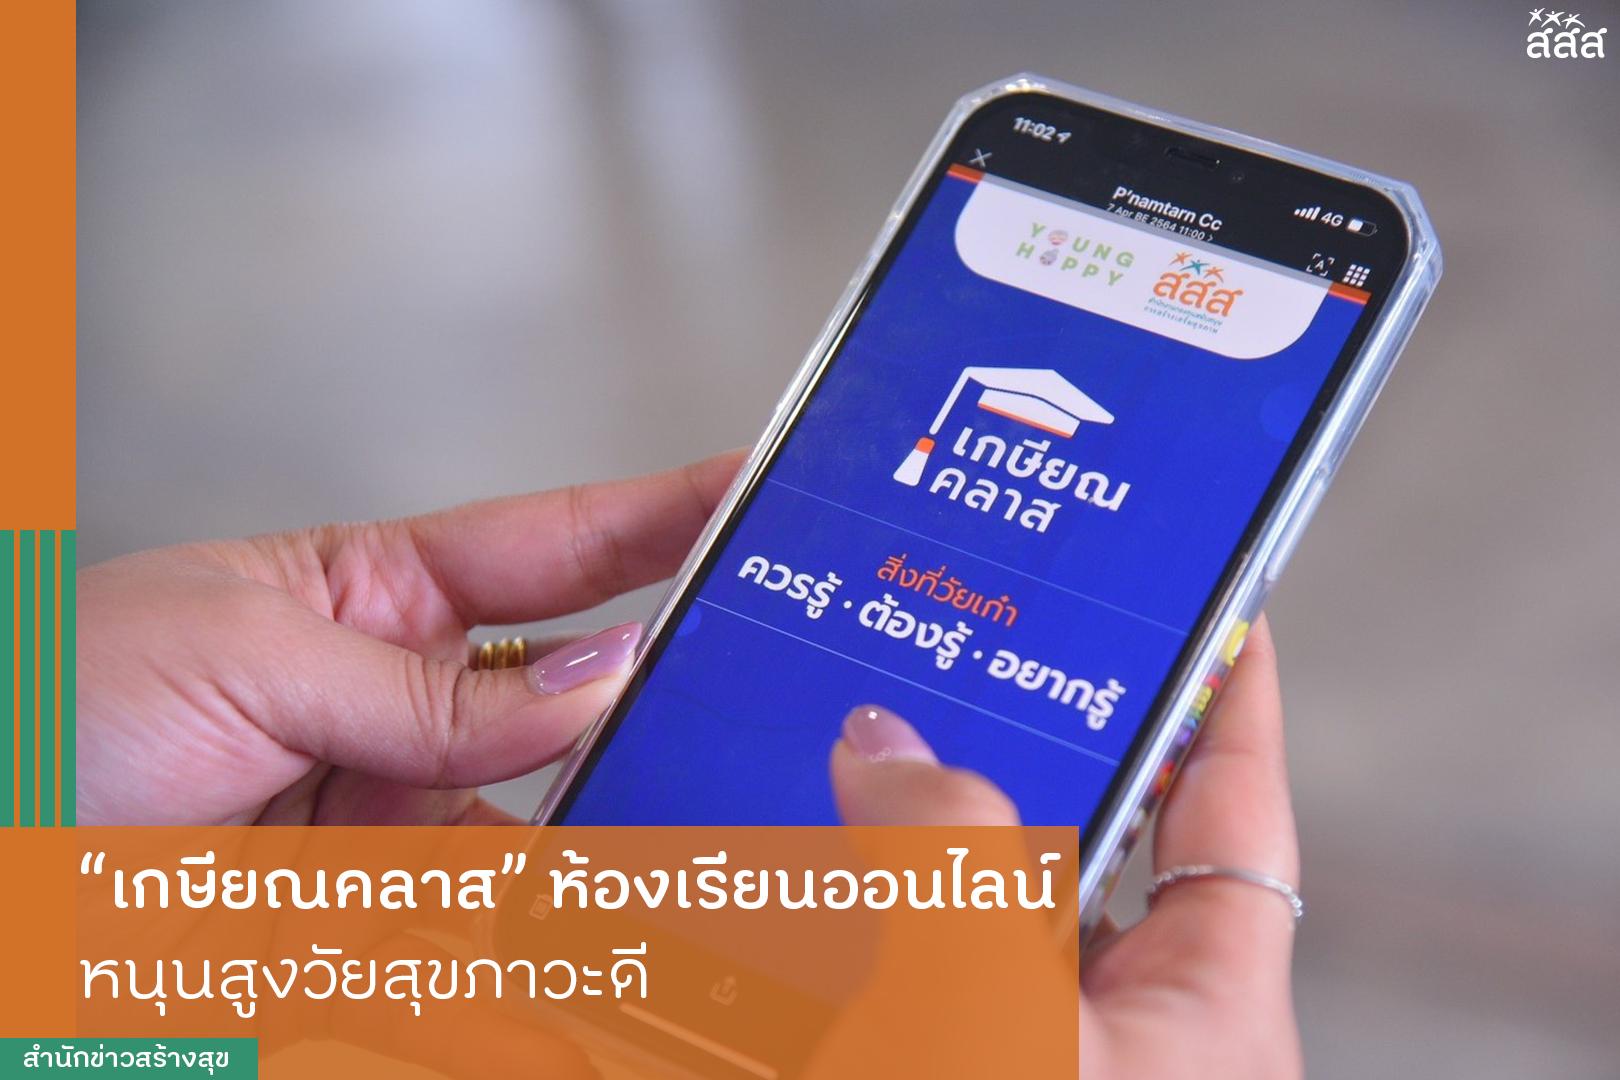 เกษียณคลาส ห้องเรียนออนไลน์ หนุนสูงวัยสุขภาวะดี thaihealth